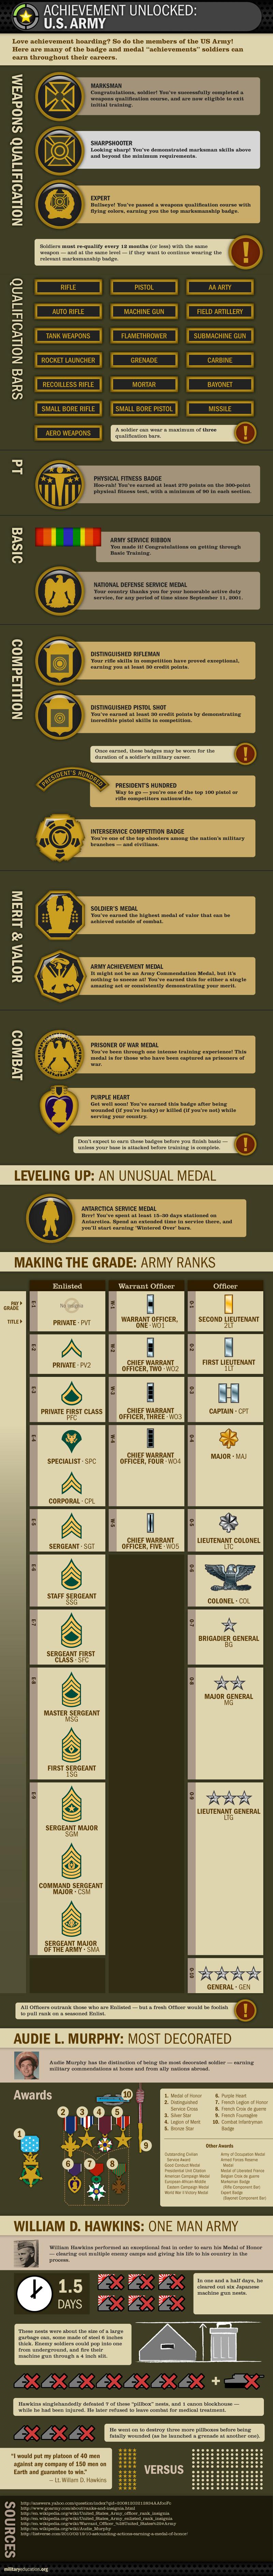 Achievement Unlocked: U.S. Army